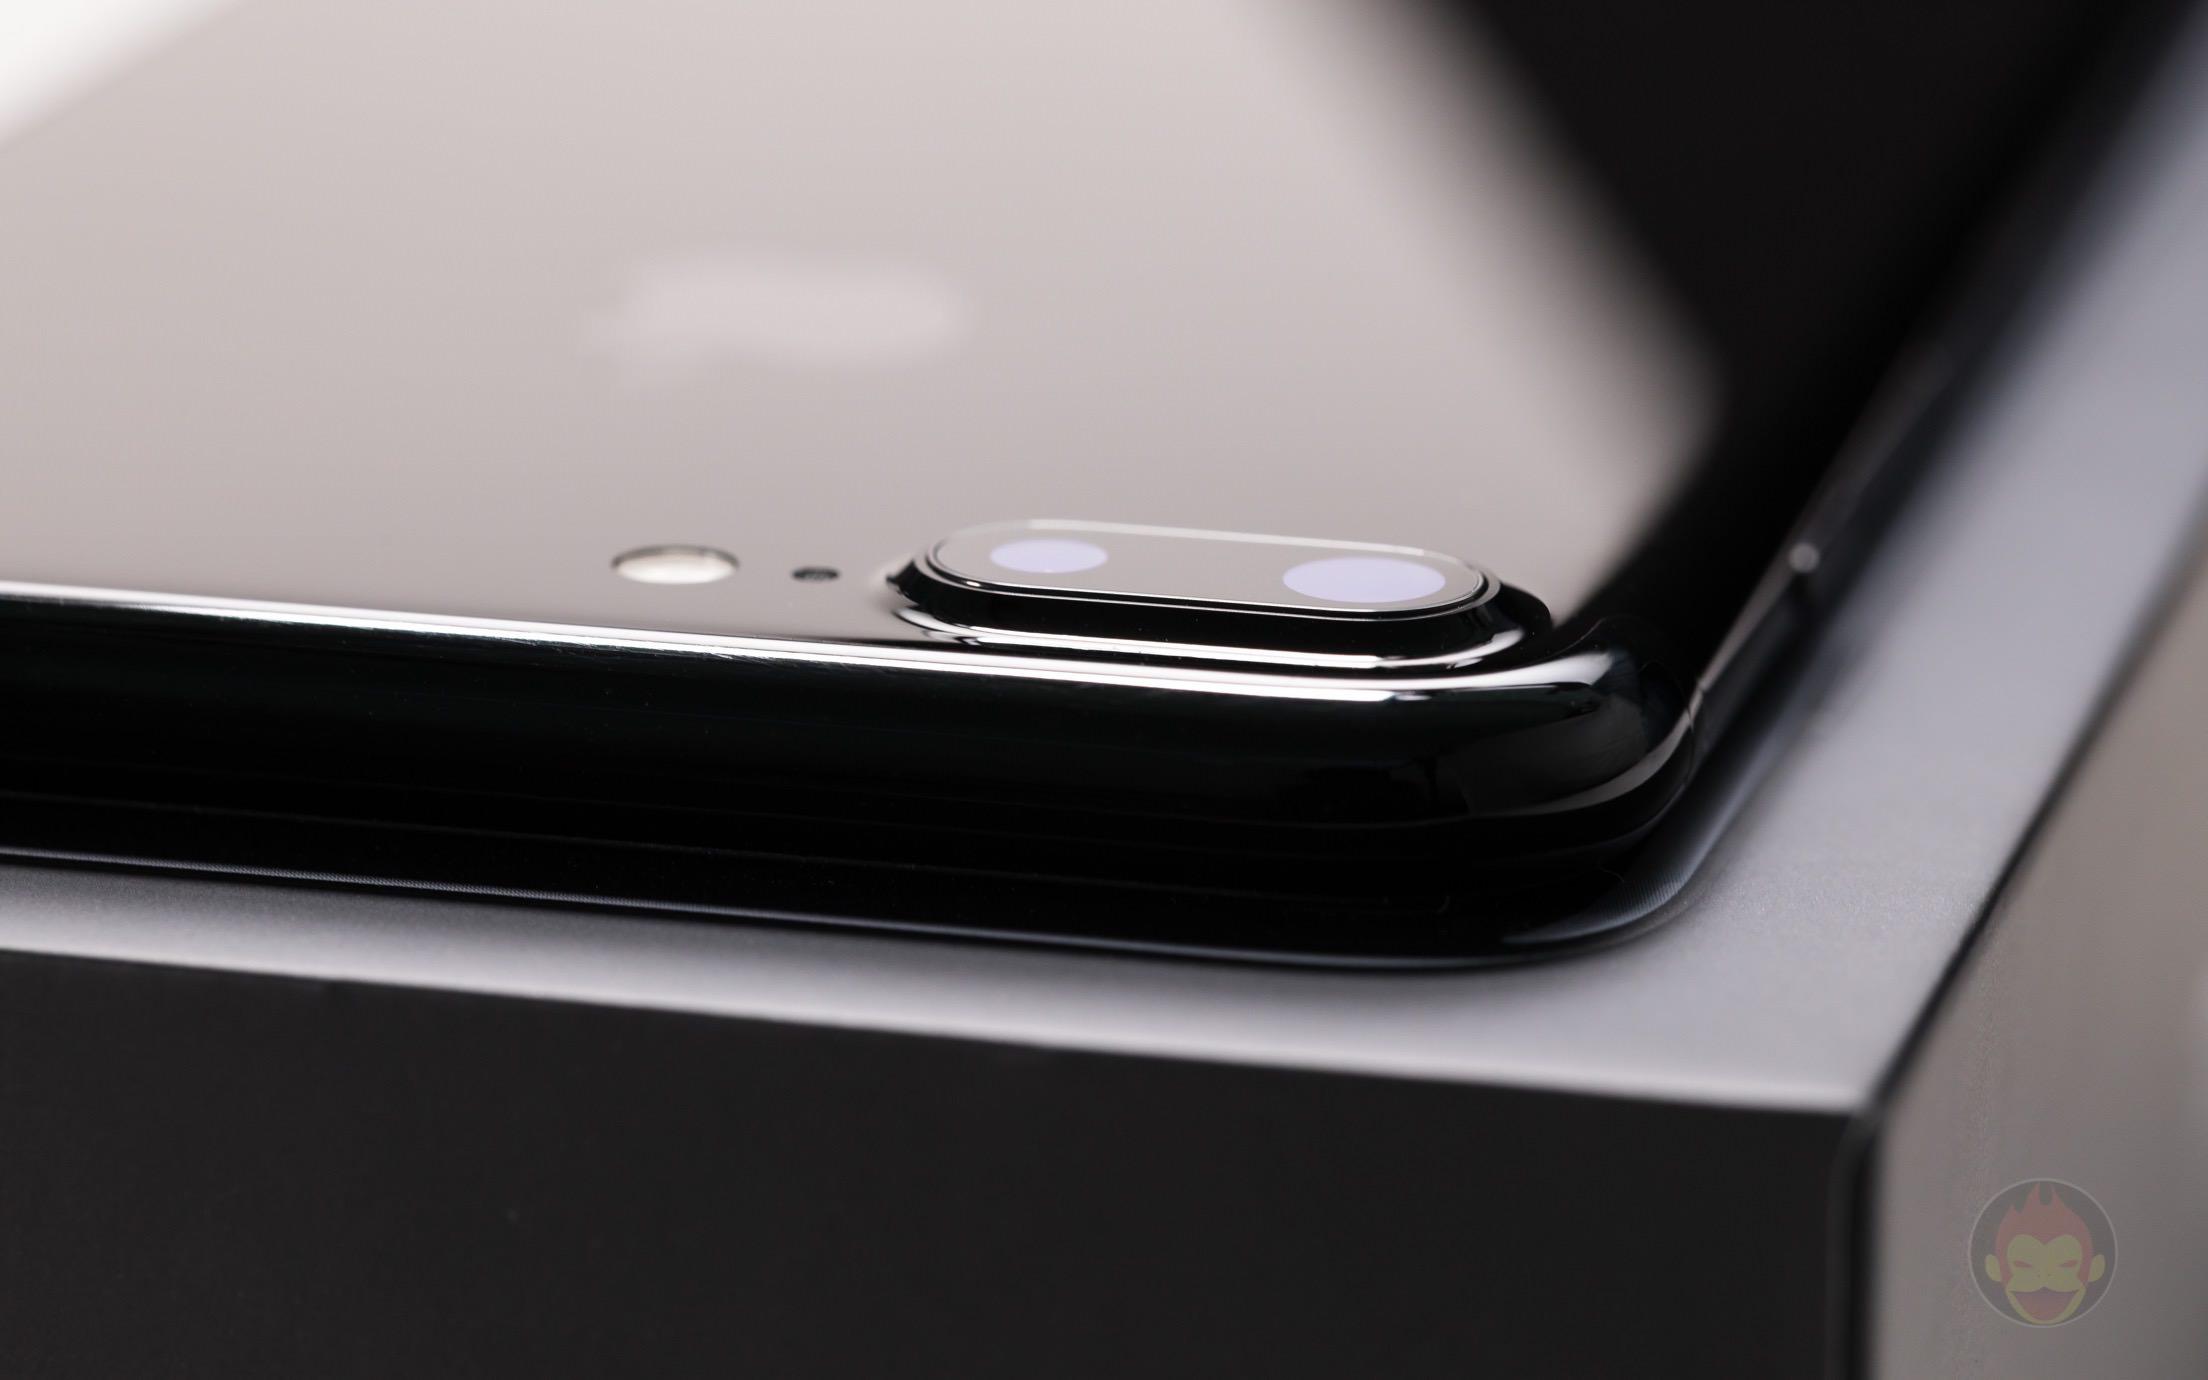 iphone-7-plus-dual-lens-camera-01